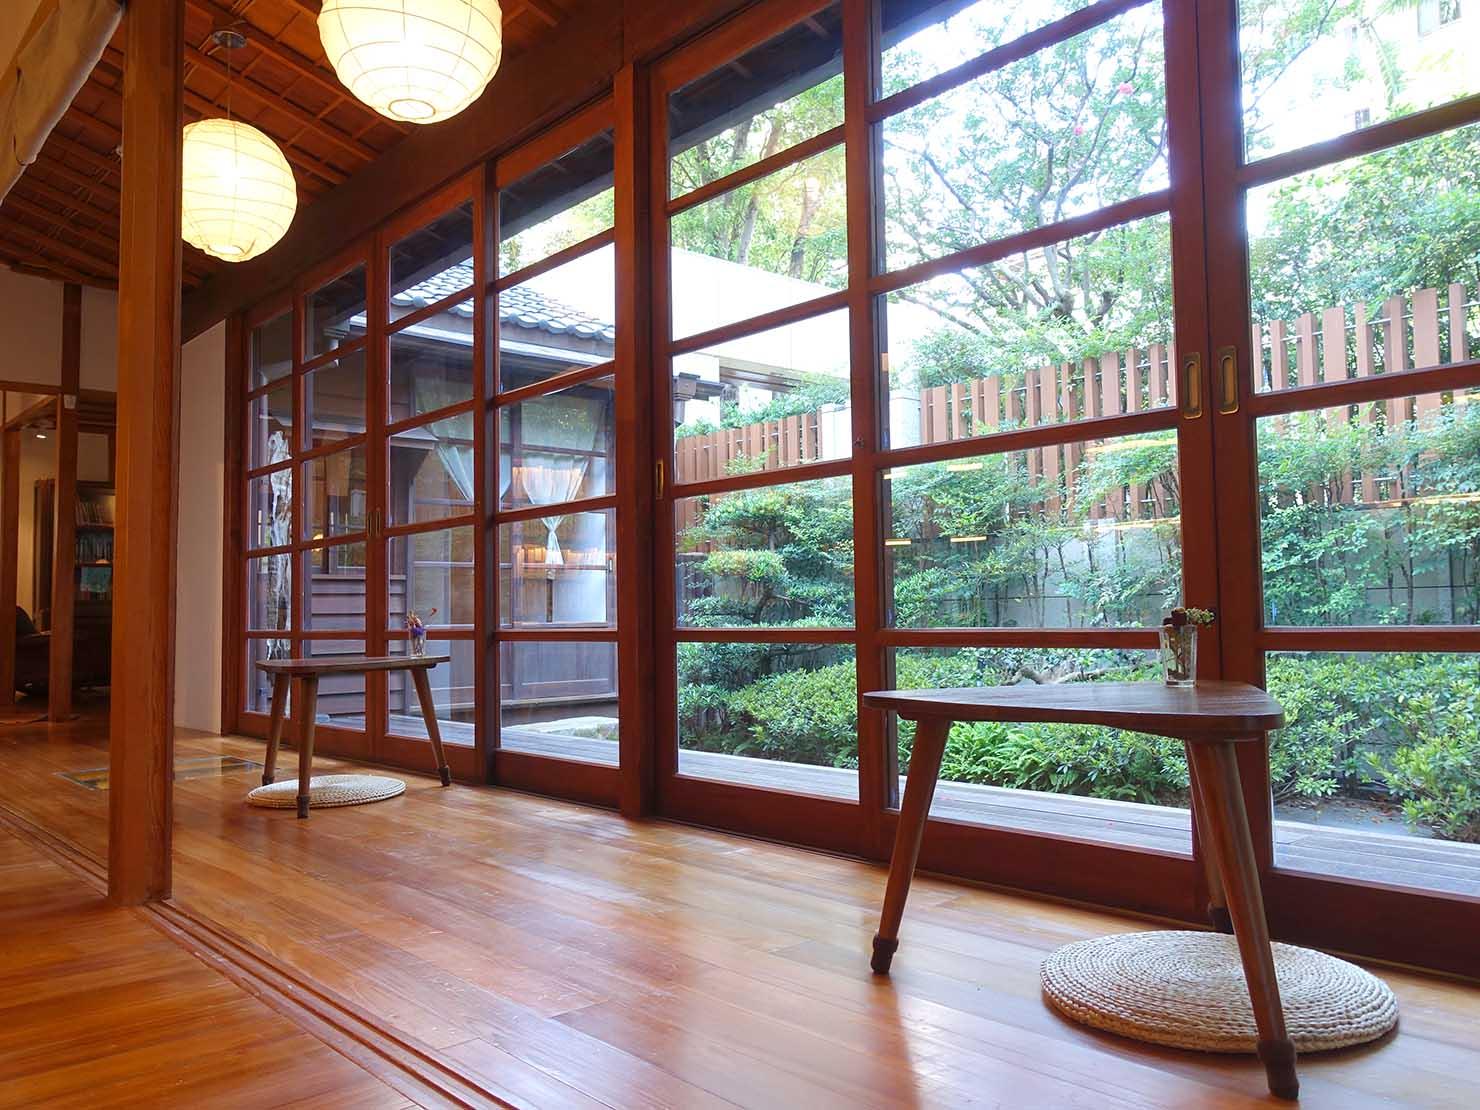 台北の街に佇む日本式古民家の図書館「文房 Chapter」の縁側